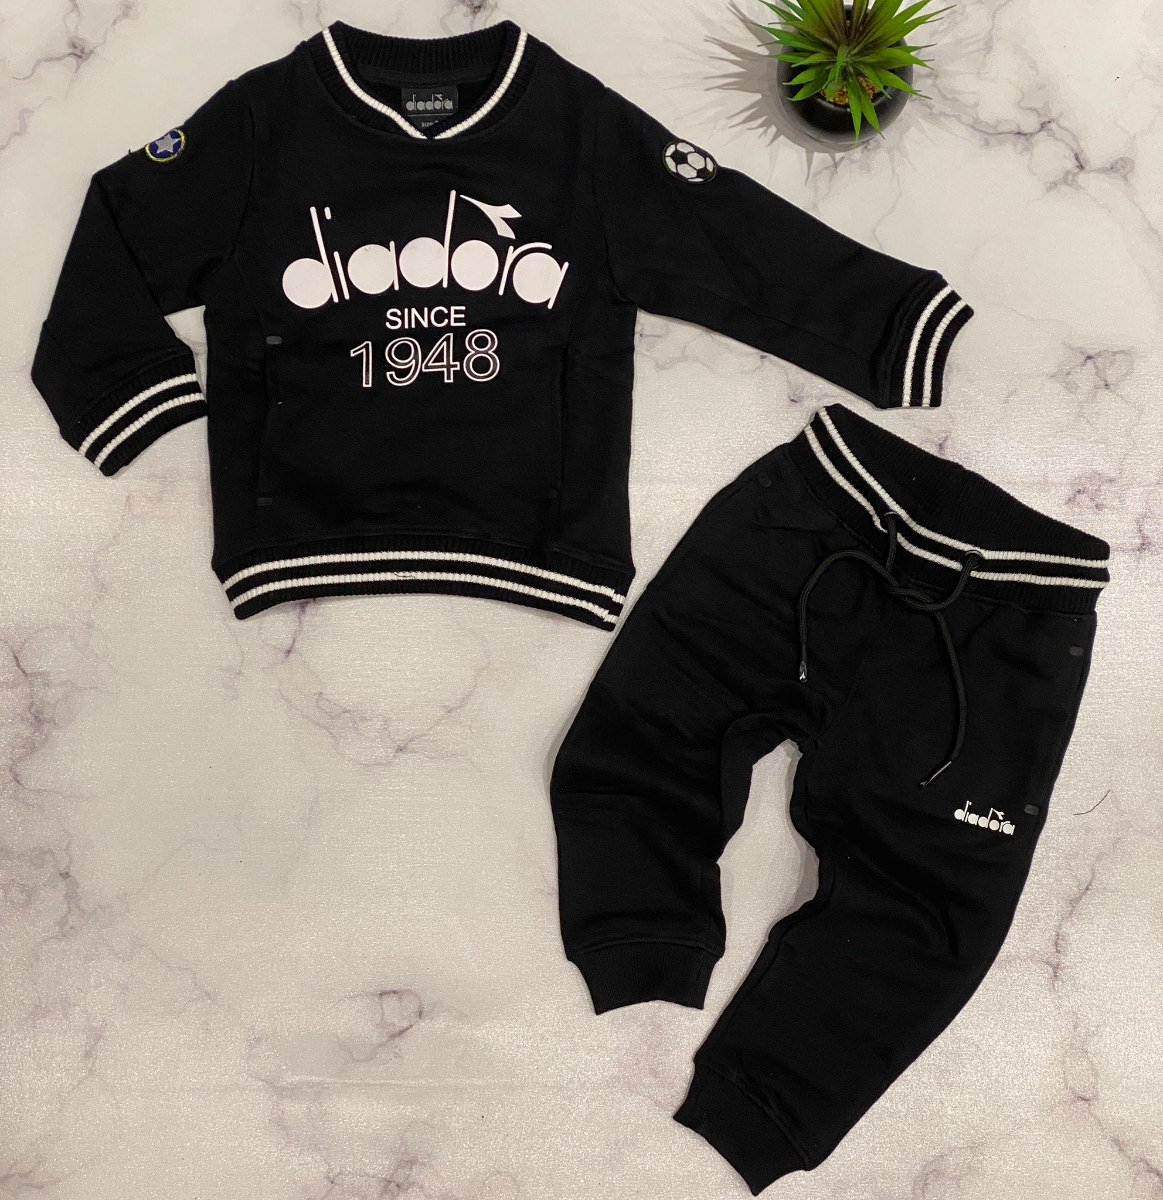 חליפת פוטר שחורה עם כיתוב לבן diadora בנים - 2-10 שנים